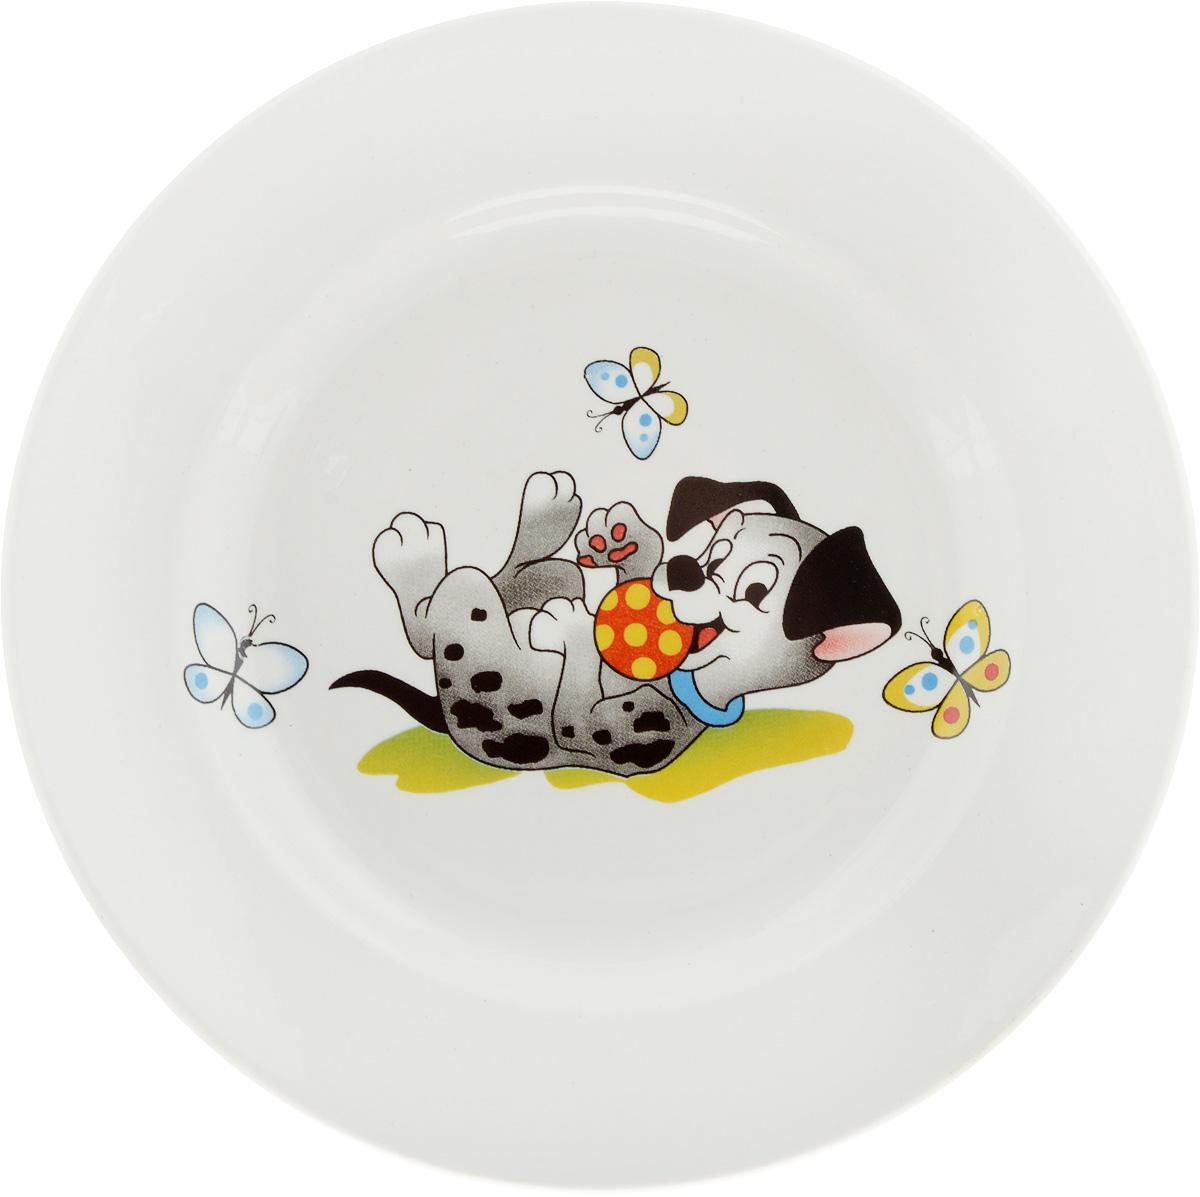 Тарелка десертная Кубаньфарфор Озорные щенки, диаметр 17,5 см057_Озорные щенкиДесертная тарелка Кубаньфарфор Озорные щенки, изготовленная из фаянса с глазурованным покрытием, декорирована изображением щенка. Такая тарелка украсит сервировку вашего стола и подчеркнет прекрасный вкус хозяина, а также станет отличным подарком.